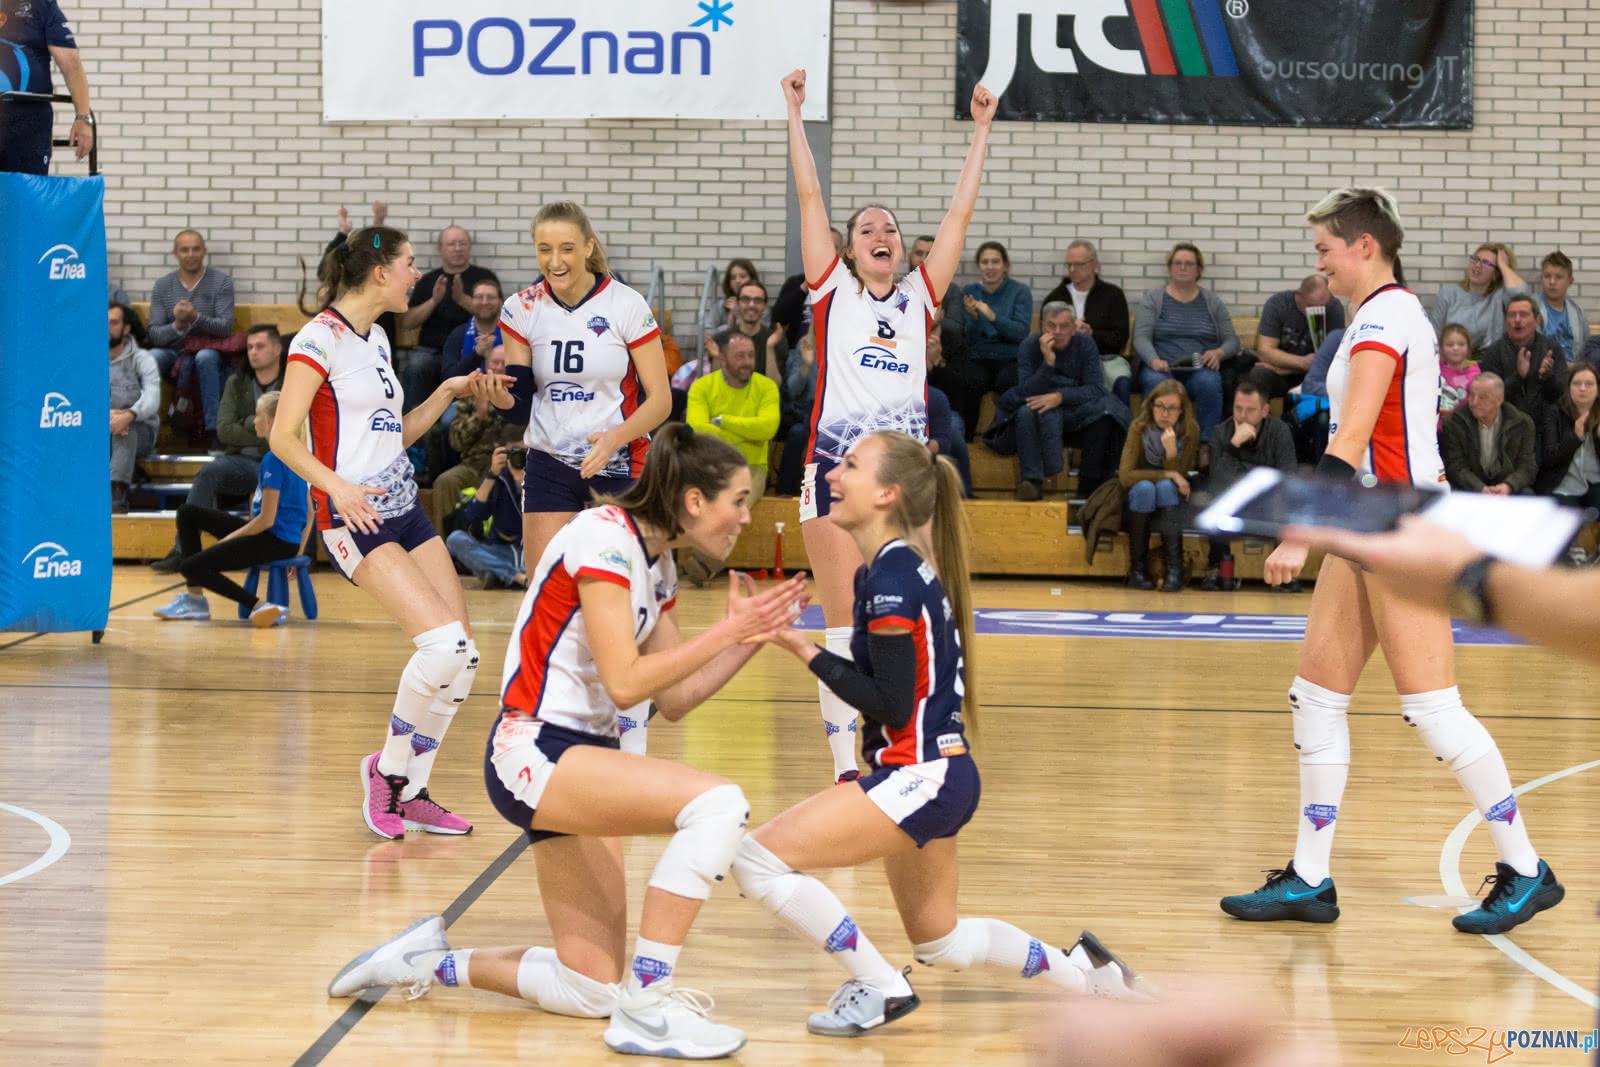 Enea Energetyk Poznań - Grupa Azoty PWSZ Tarnów  Foto: lepszyPOZNAN.pl/Piotr Rychter